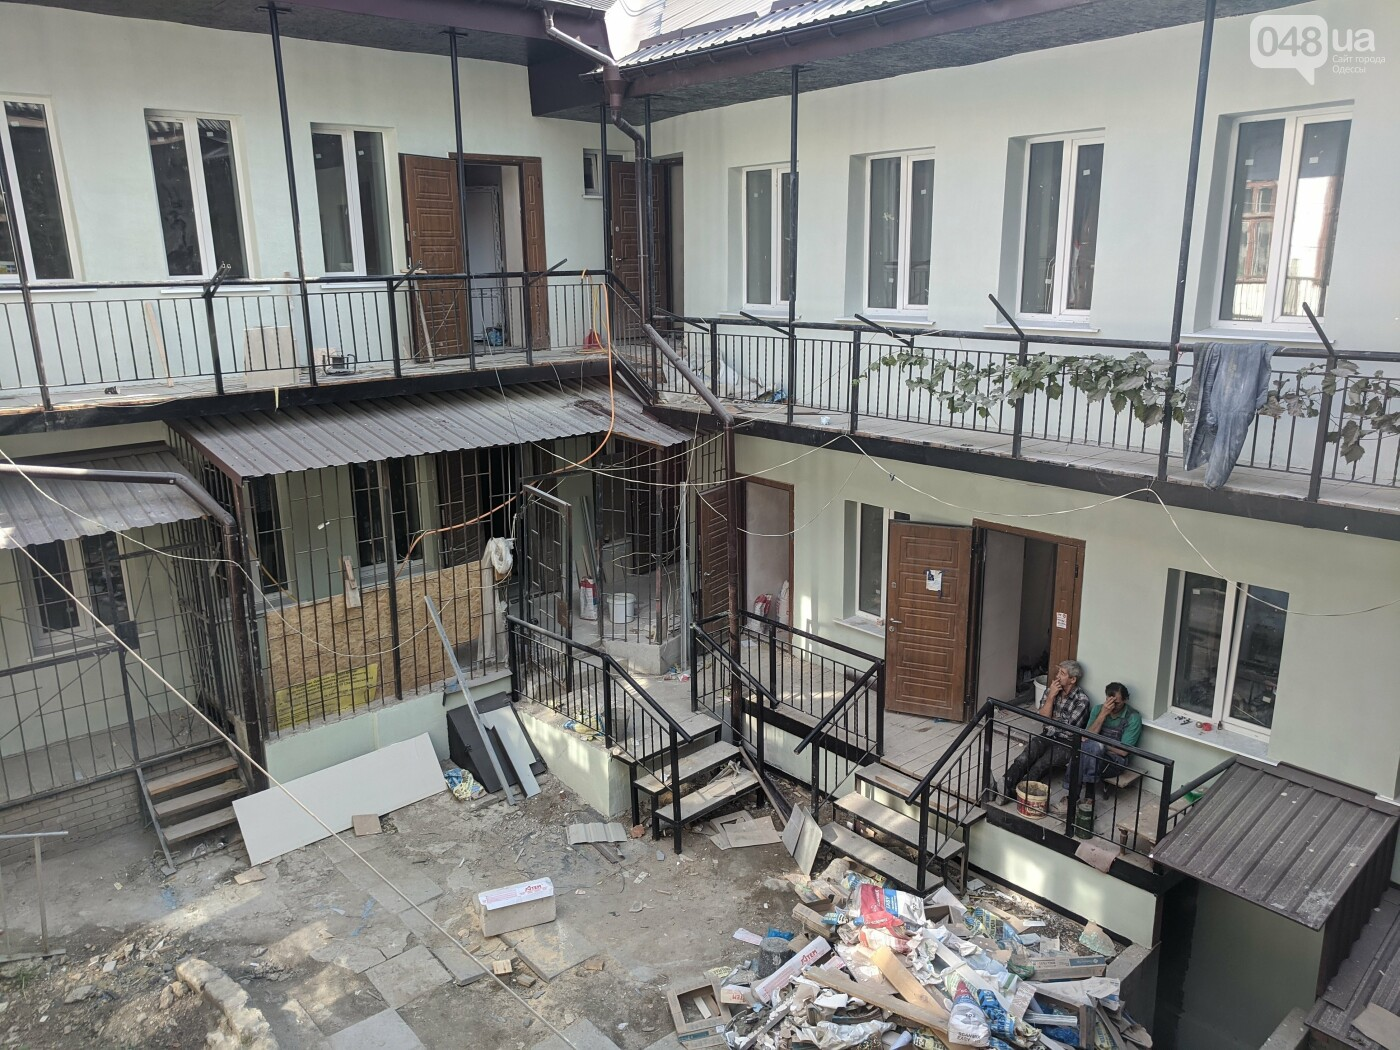 В Одессе выделили около 670 тысяч долларов на ремонт руины, - ФОТО, ДОКУМЕНТЫ , фото-14